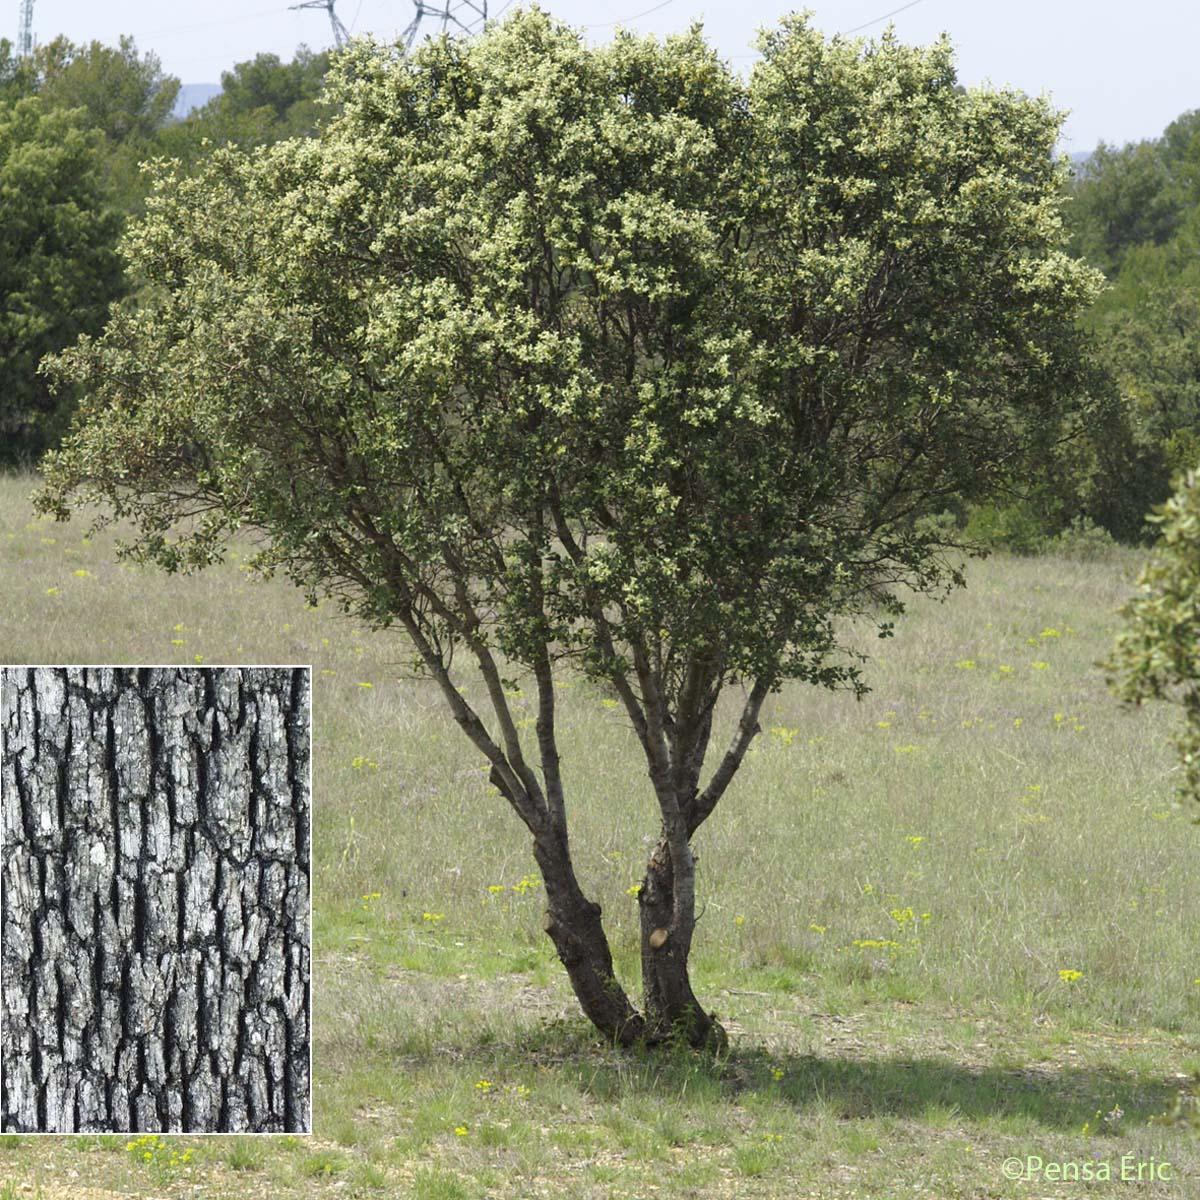 Ch ne vert quercus ilex quelle est cette - Maladie du chene vert arbre ...